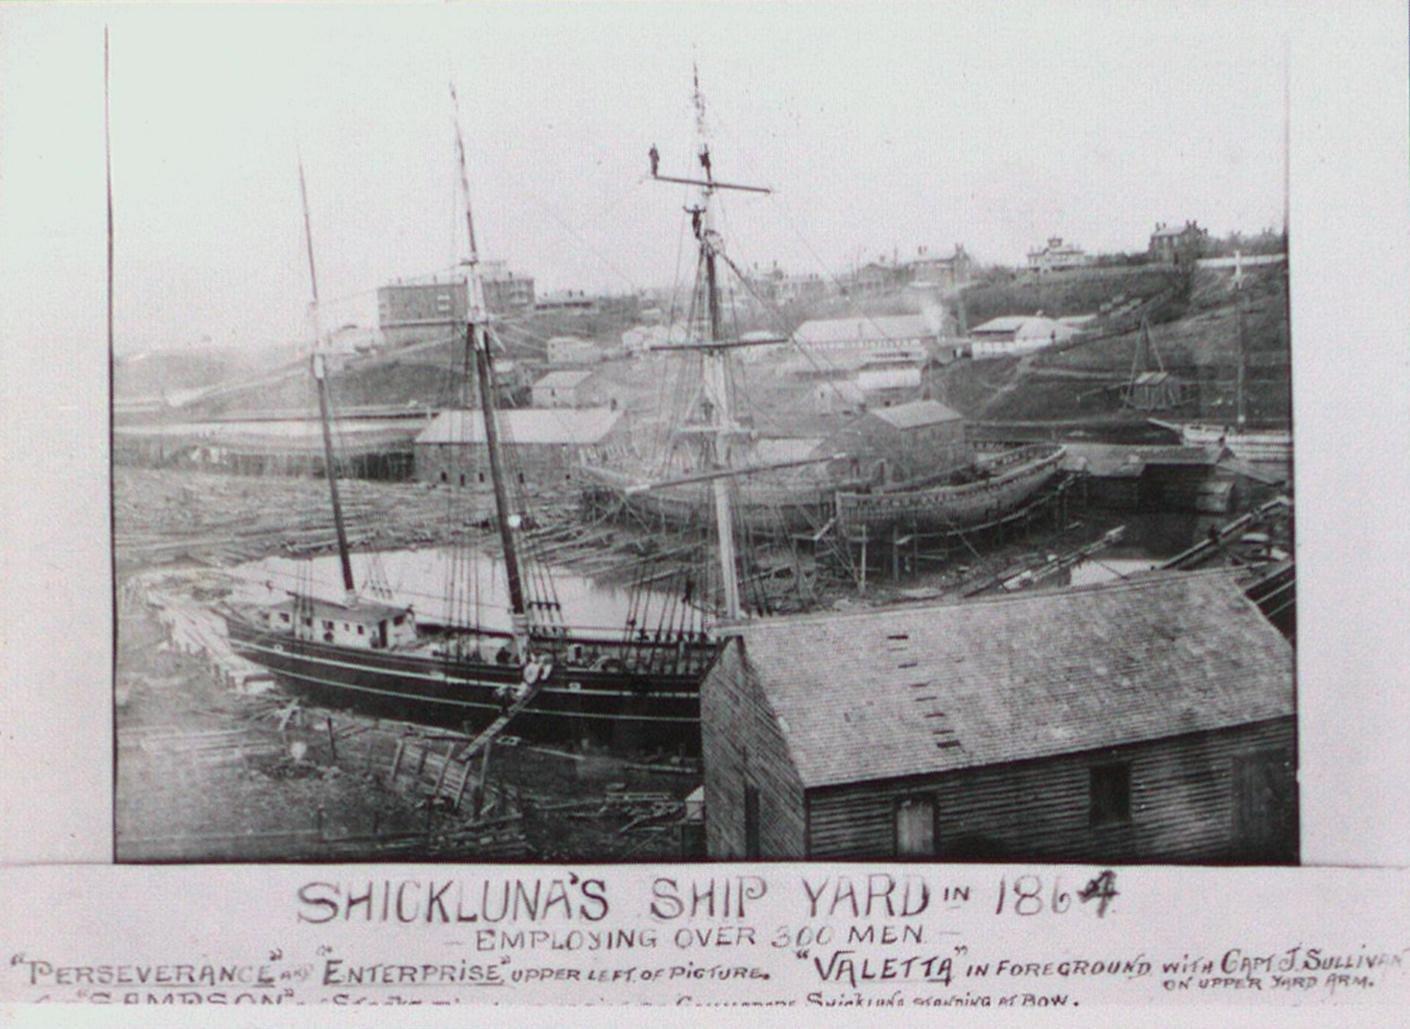 The Shickluna Dry Docks and Shipyards